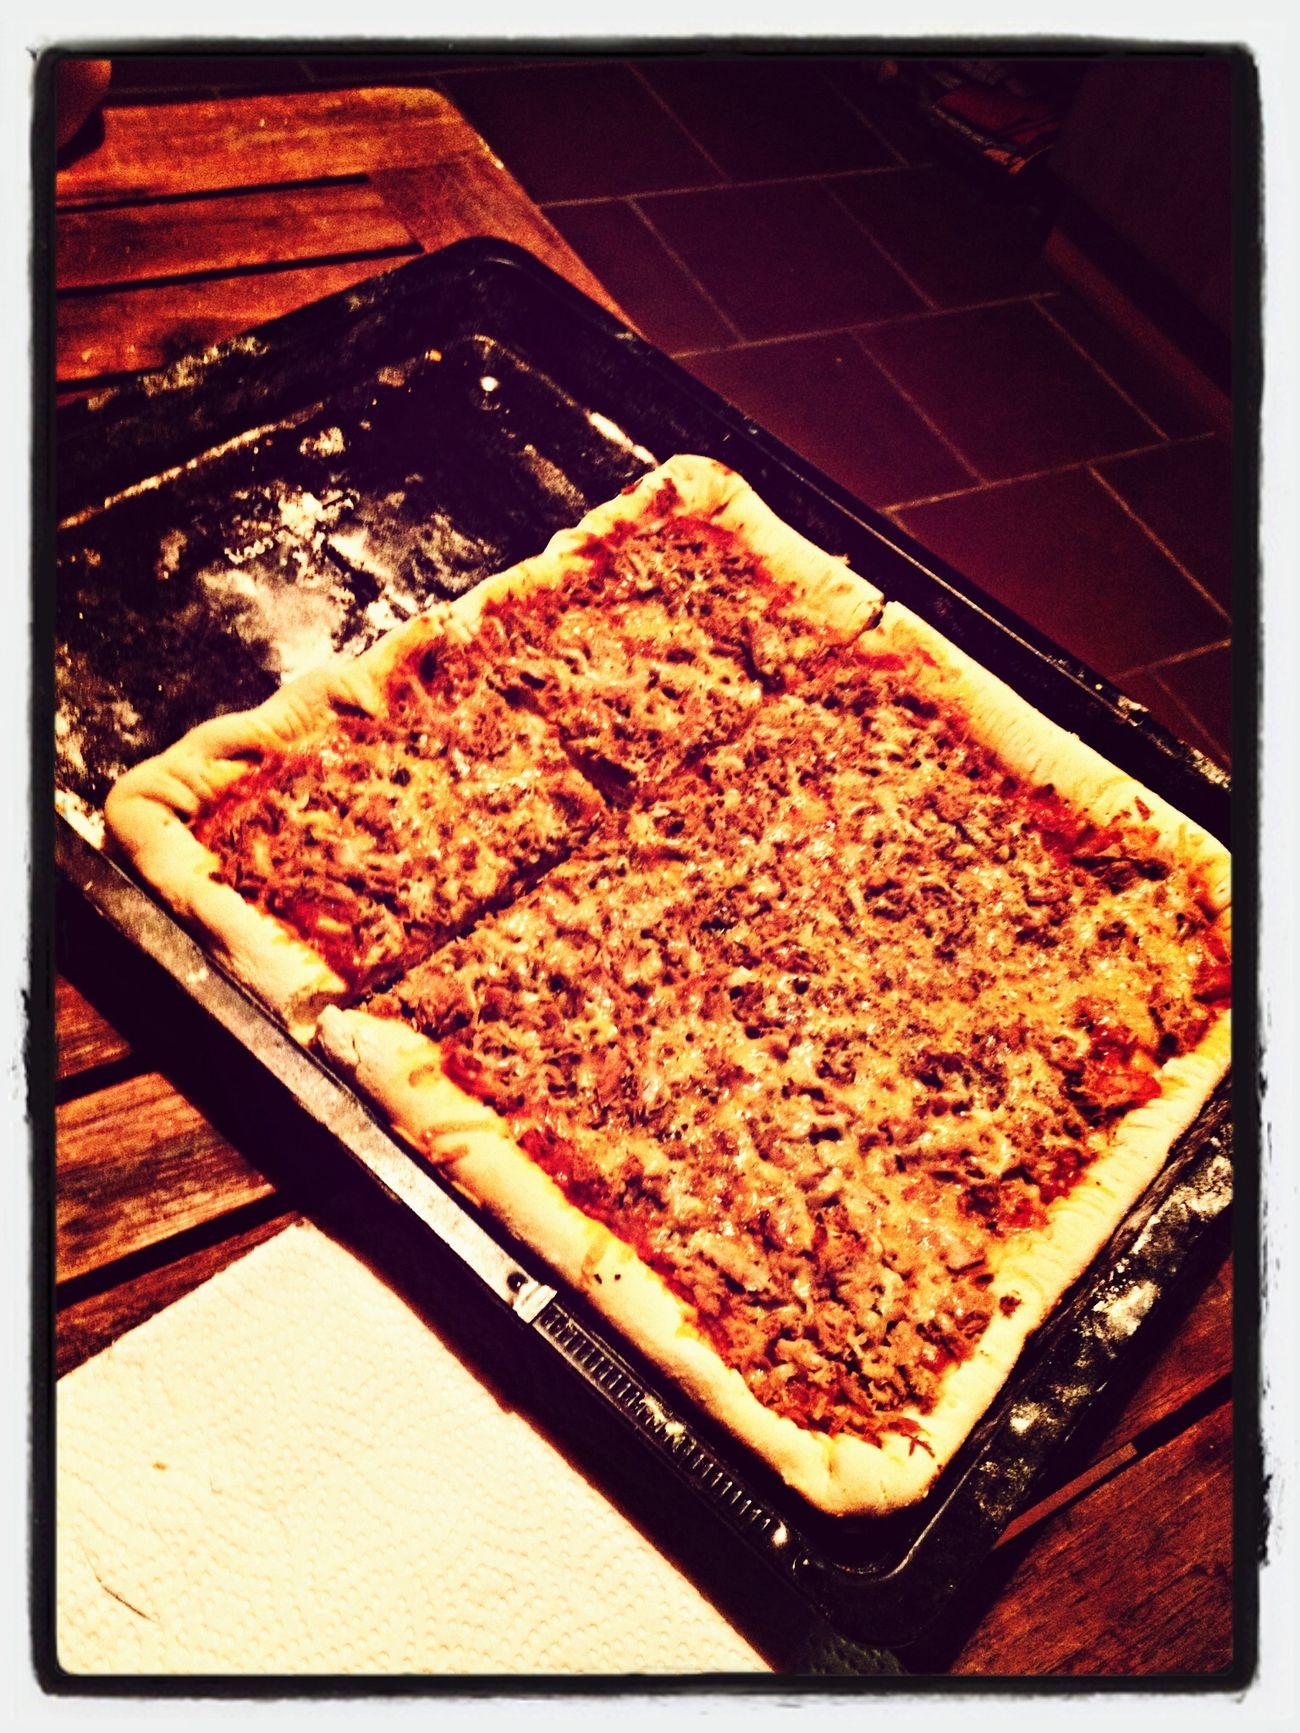 Pizza gerade frisch aus dem Ofen gekommen ... finde den Fehler